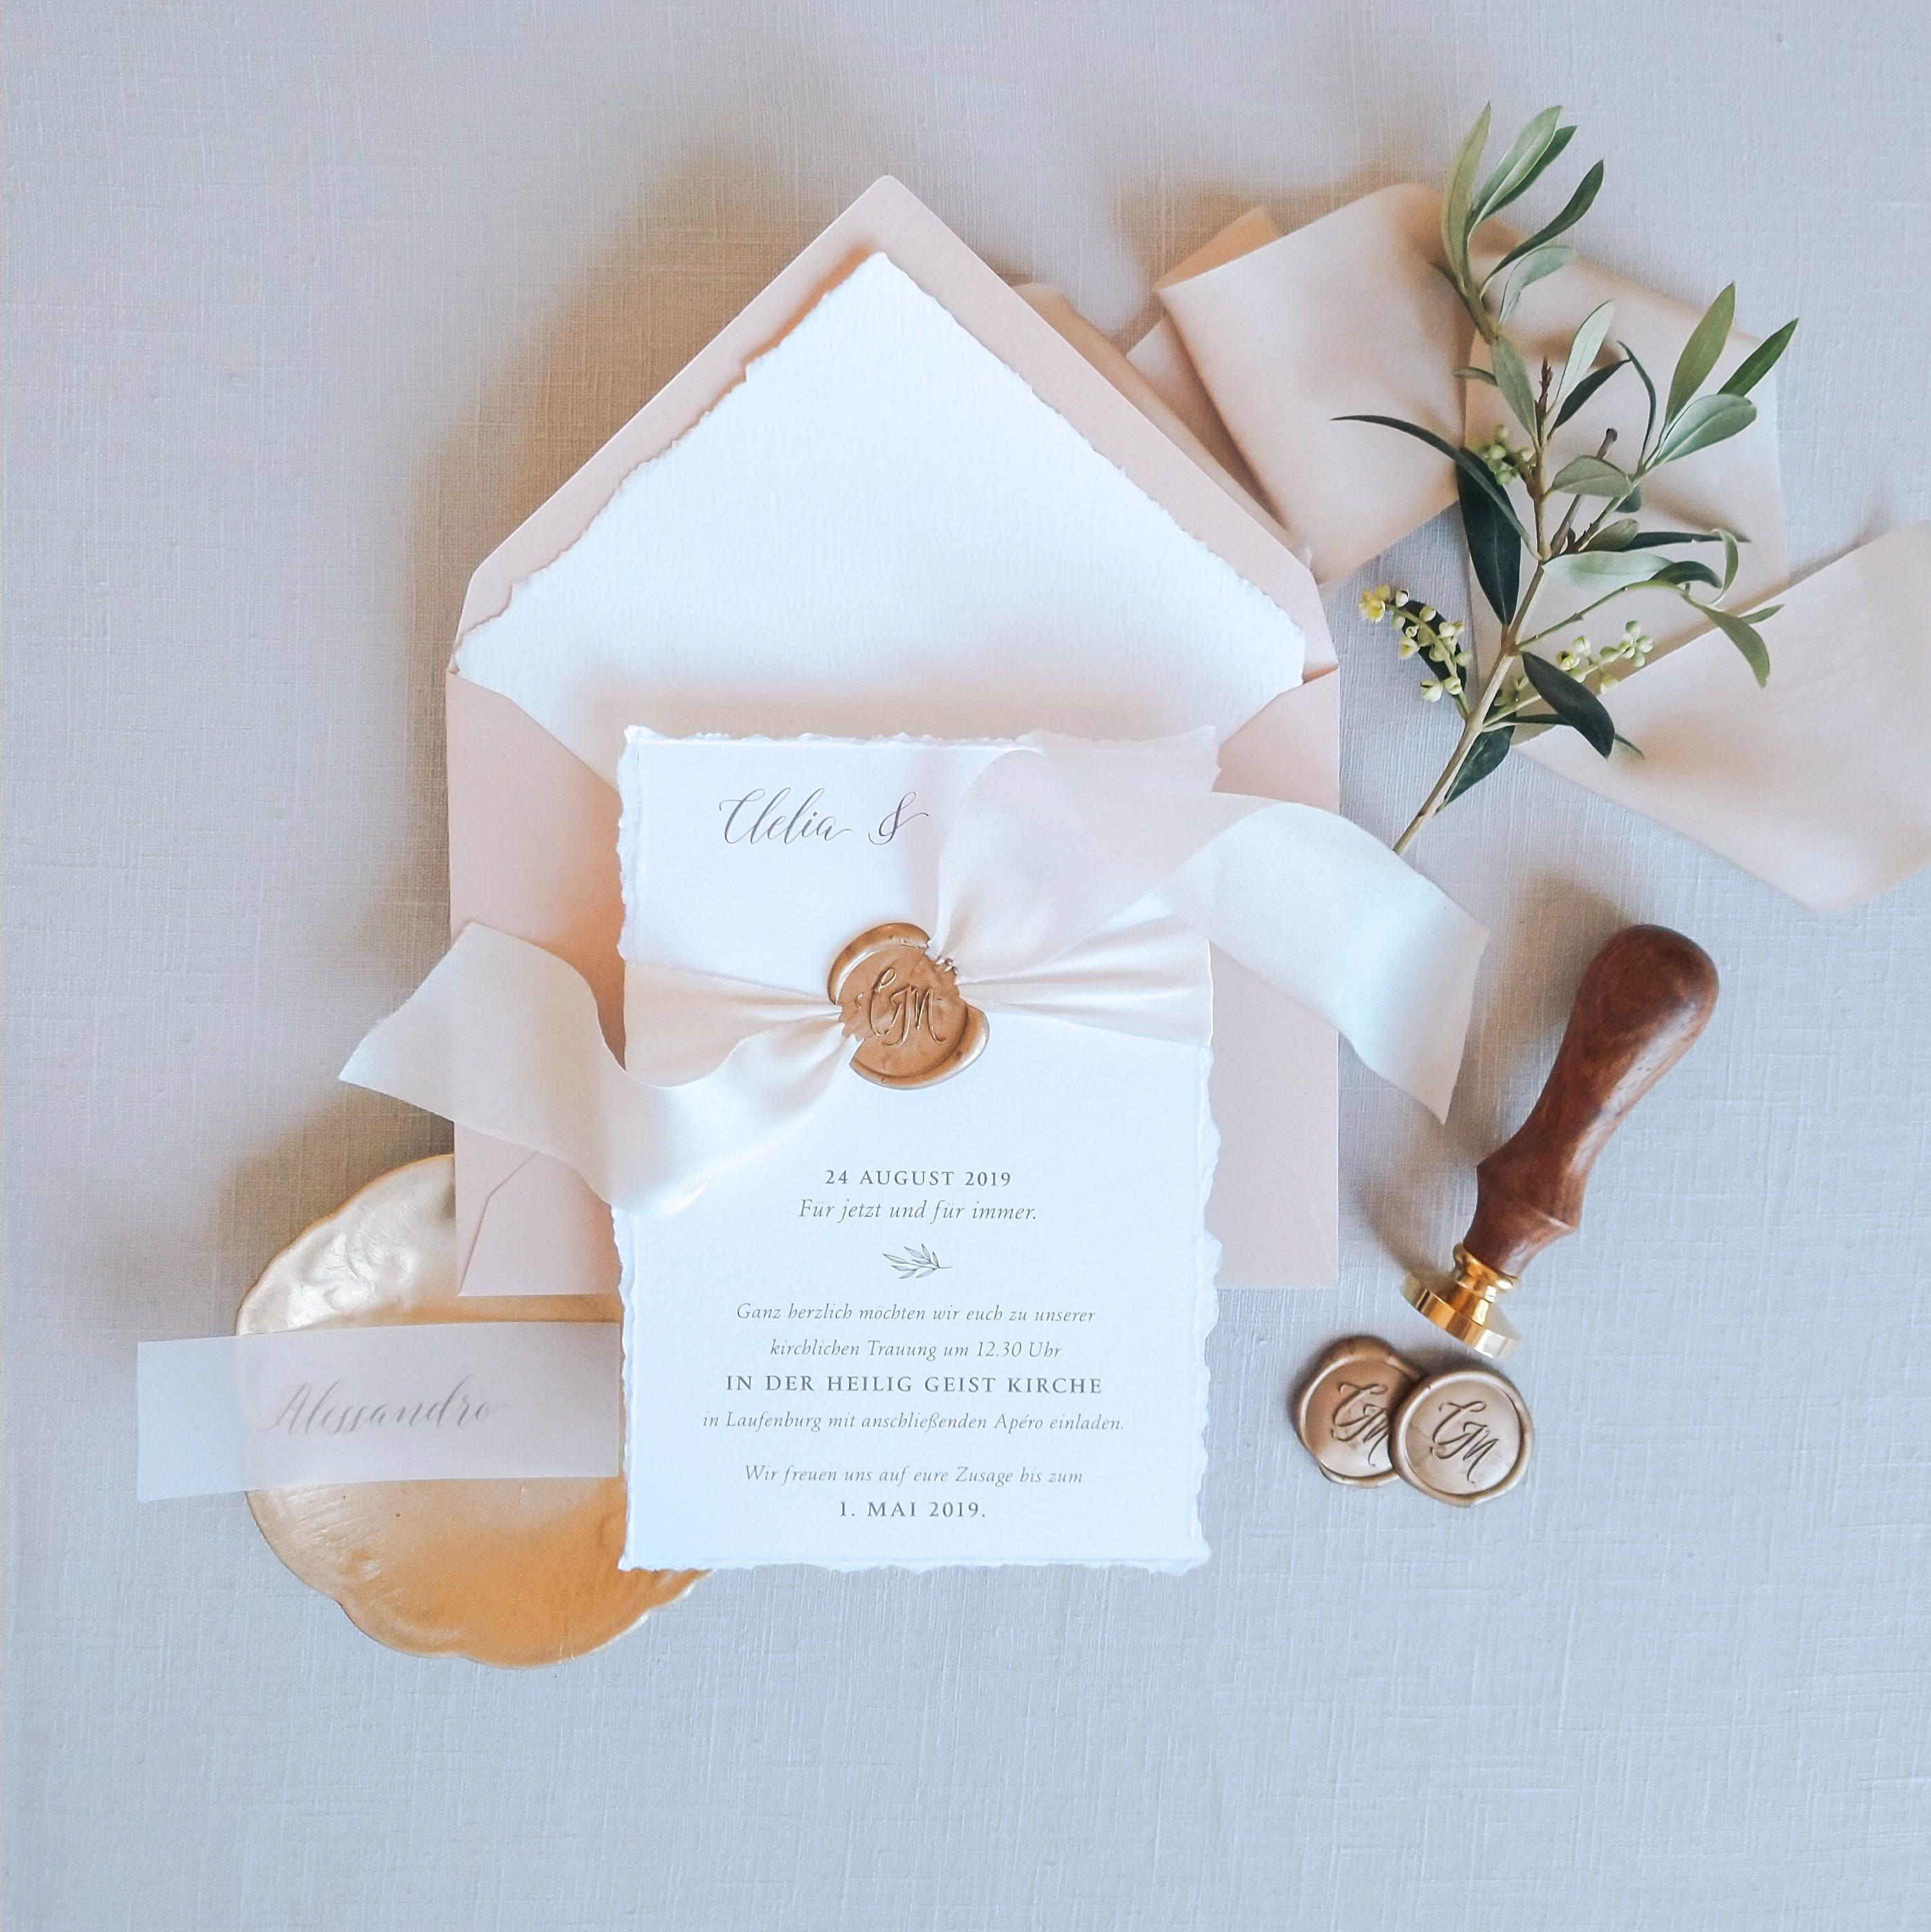 Tuscan Inspired Fine Art Wedding Invitation Karte Hochzeit Hochzeitskarten Ideen Papeterie Hochzeit